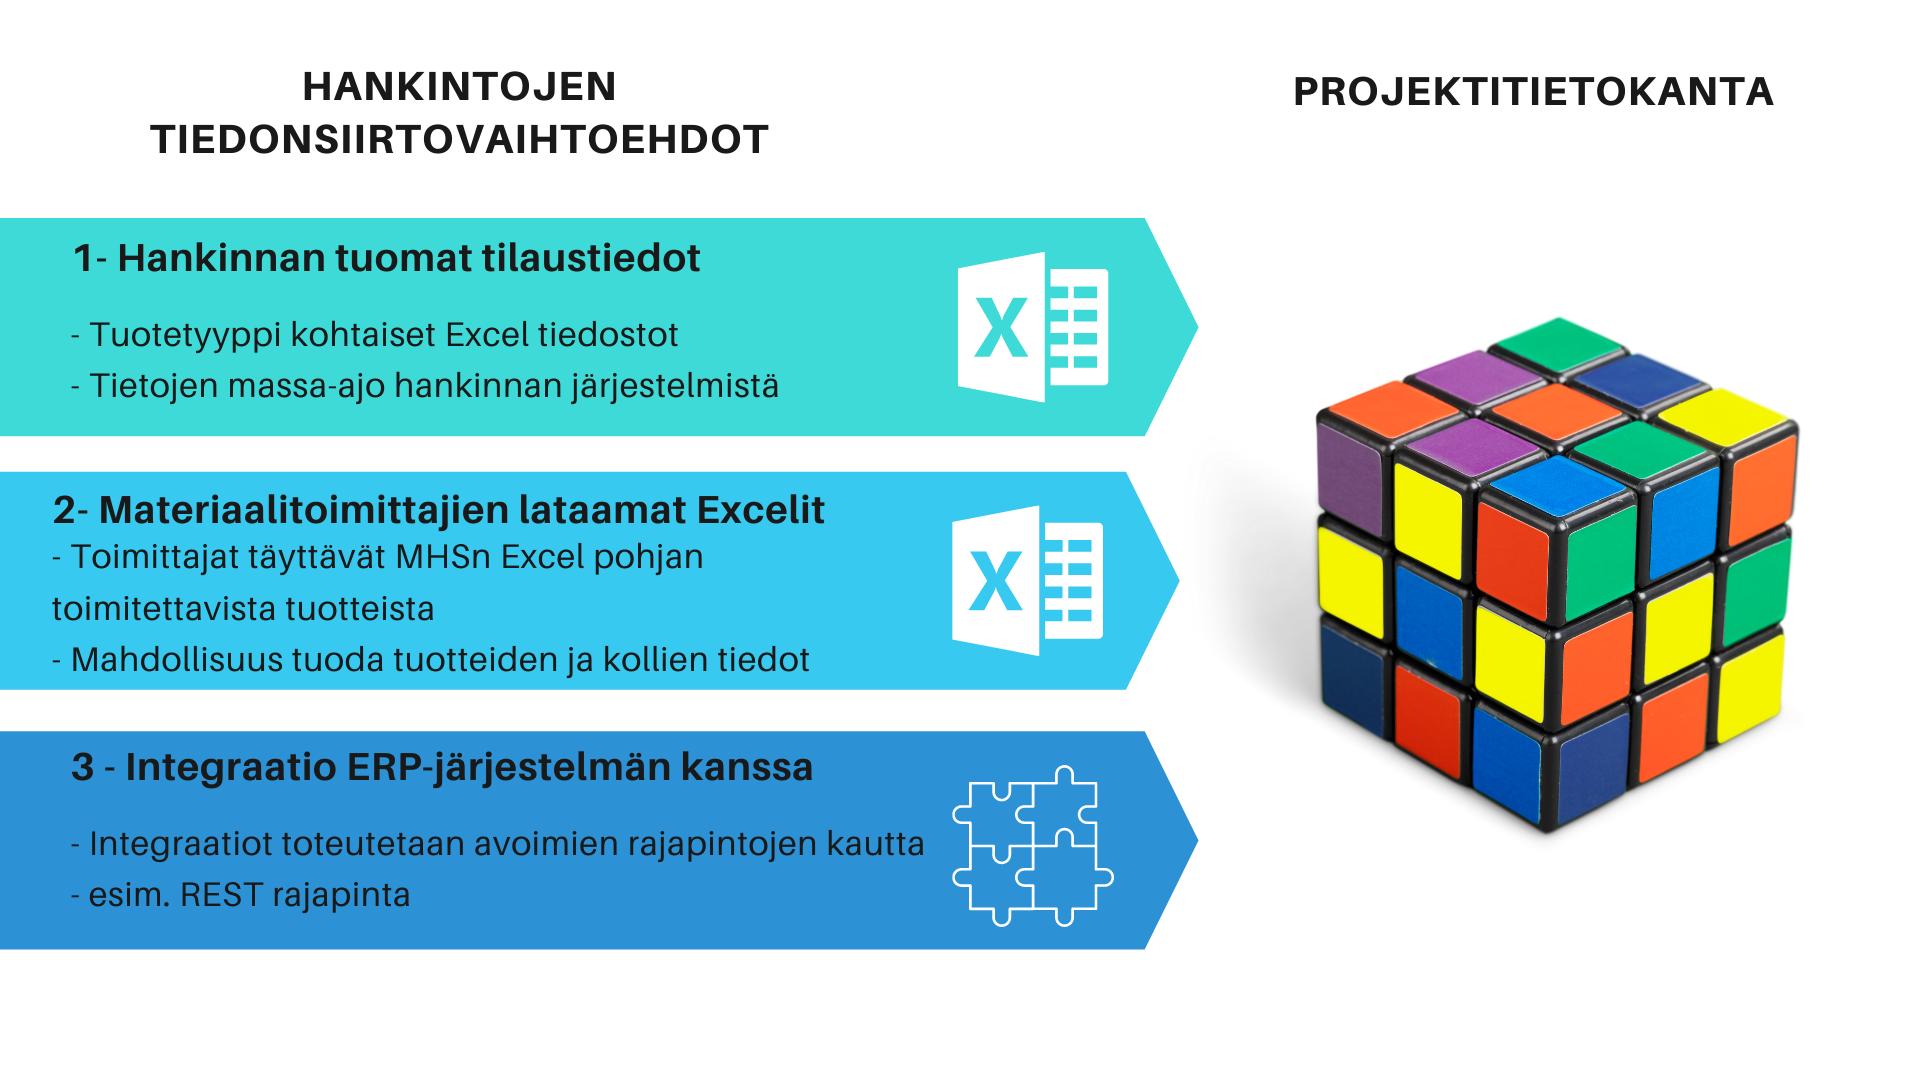 Hankintojen tietojen välittäminen projektiverkostolle laitosprojektissa